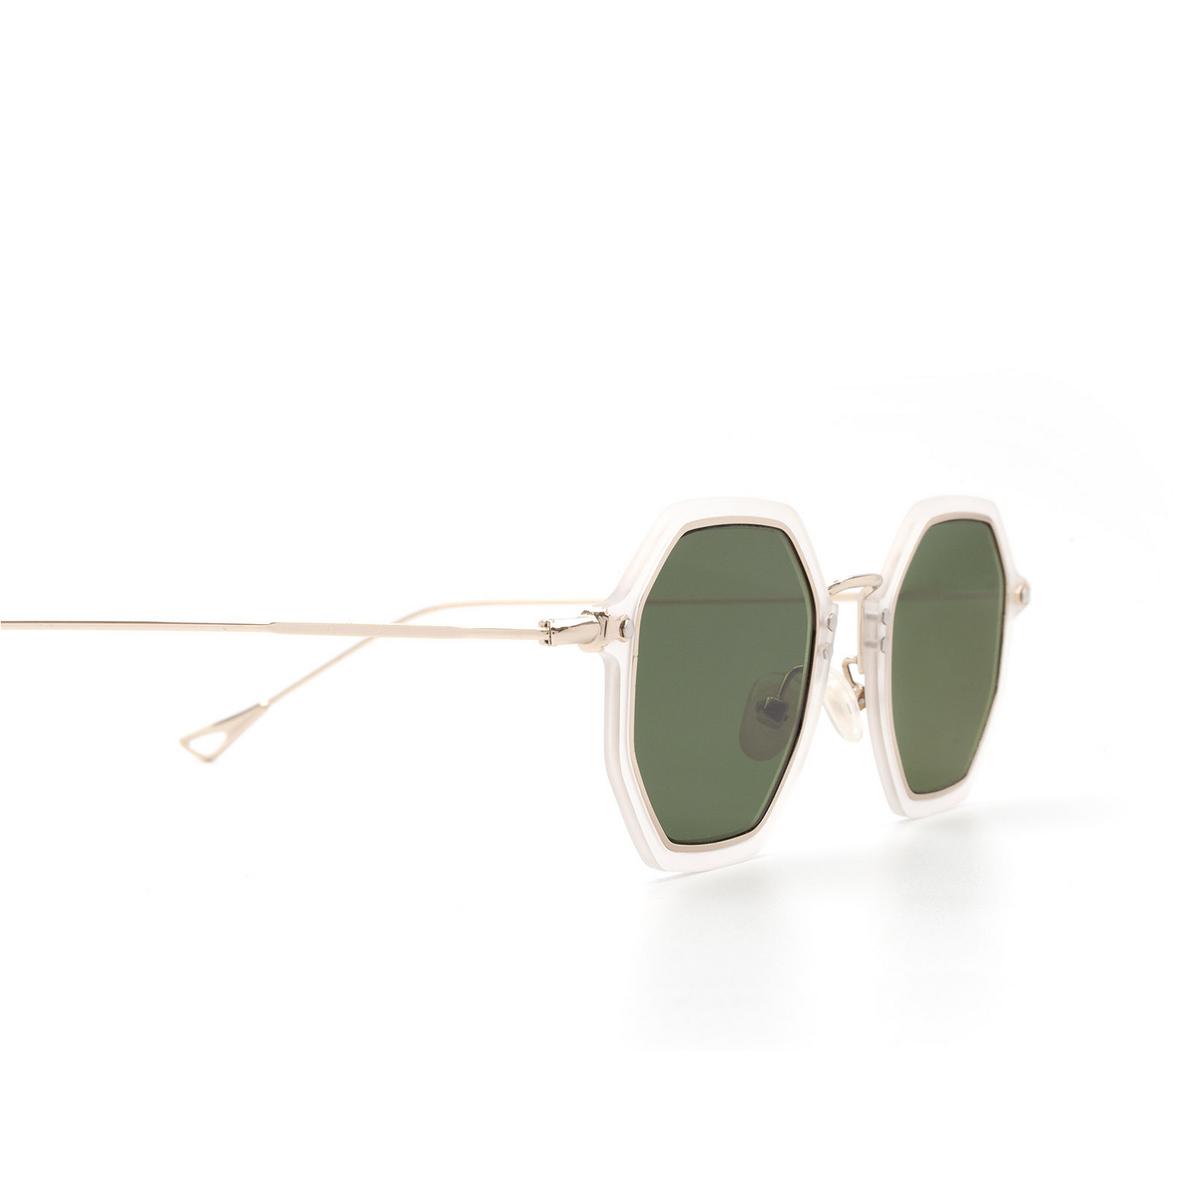 eyepetizer-lang-cf-2-1 (1)